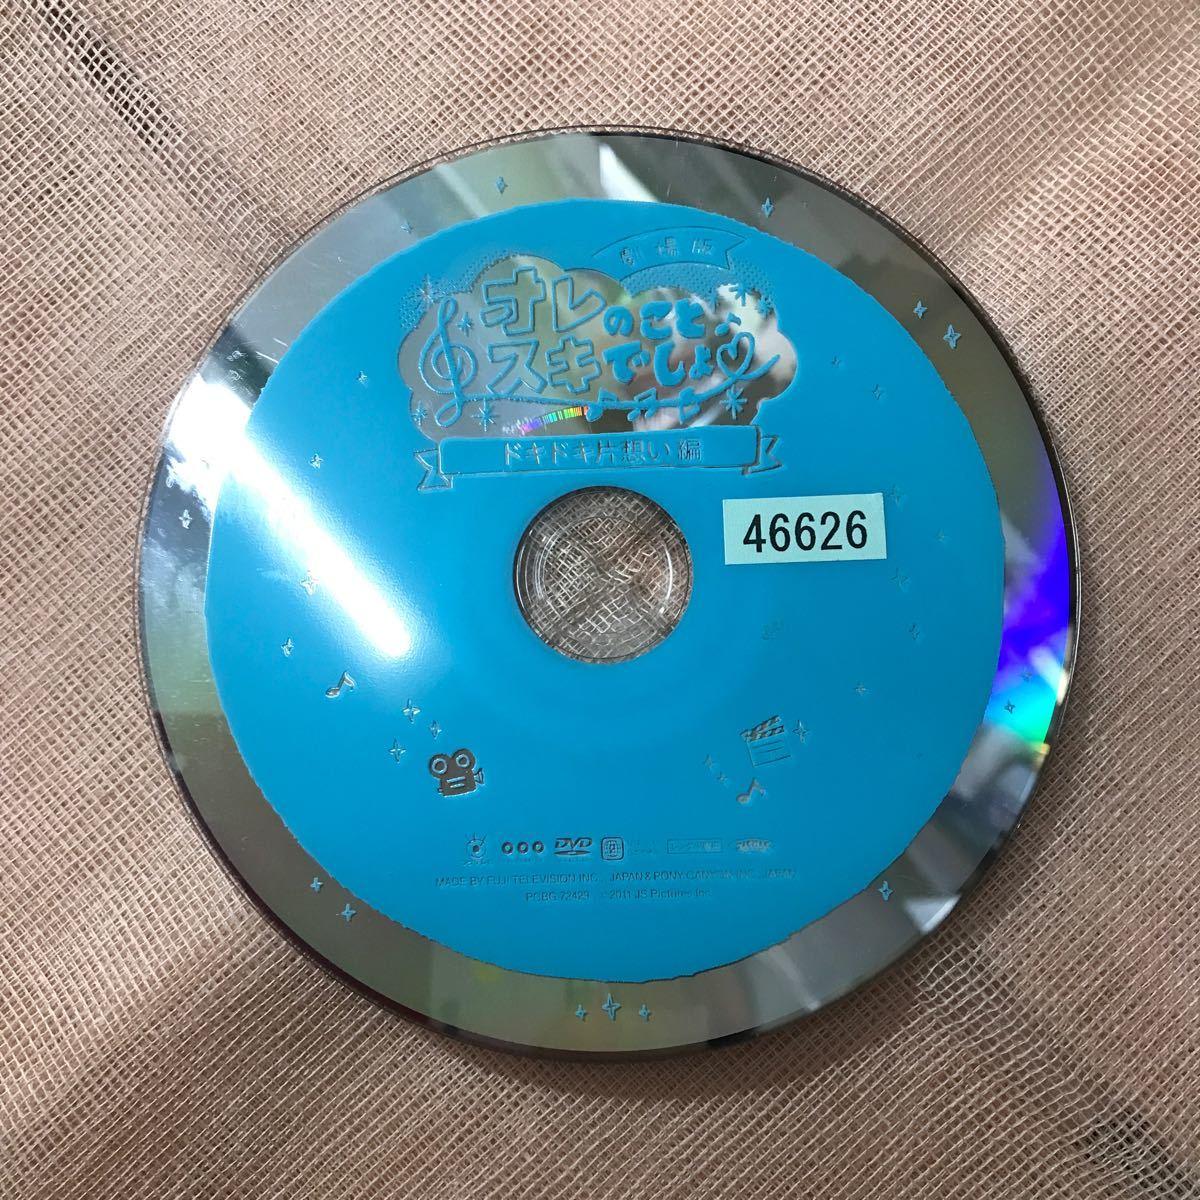 韓国映画 劇場版『オレのことスキでしょ(ドキドキ片想い編)&(ラブラブ両想い編)』全話 DVD2枚 レンタル落ち商品